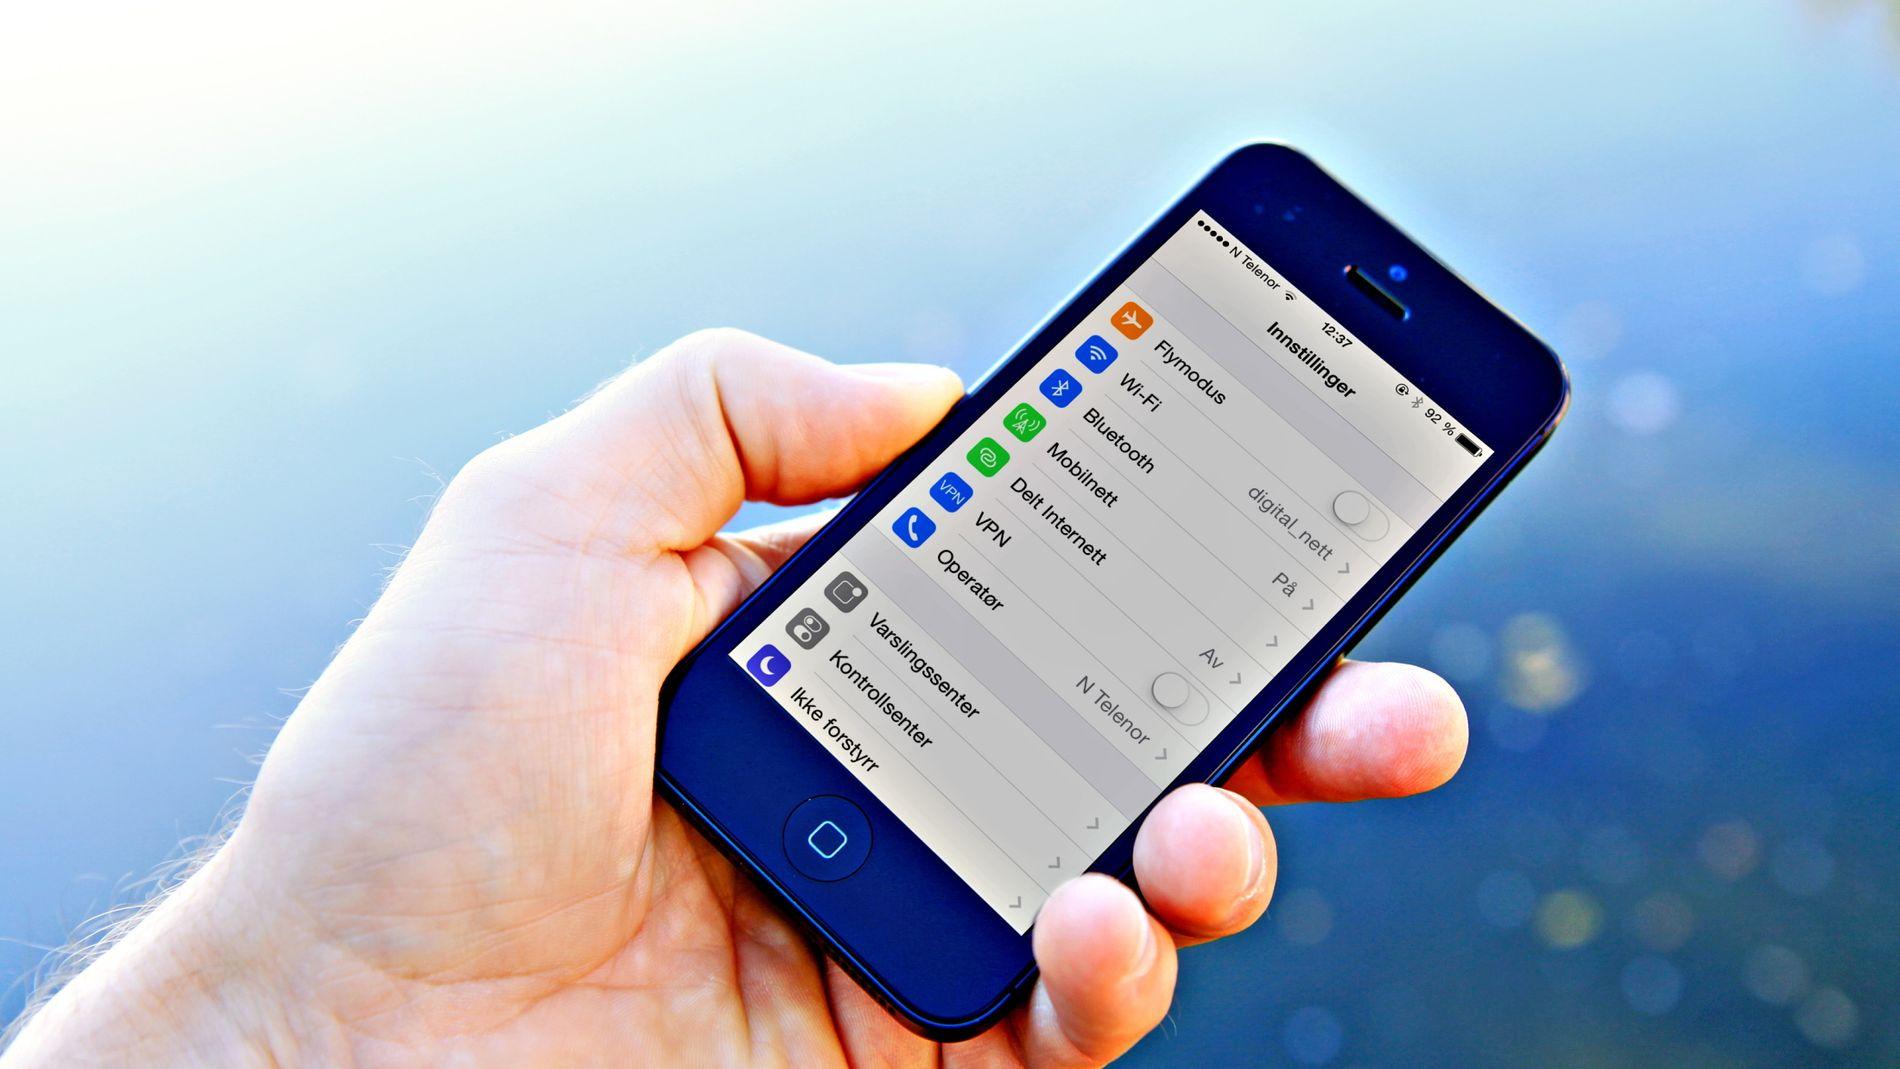 Enkel guide: Få større tekst på mobiltelefonen Slik